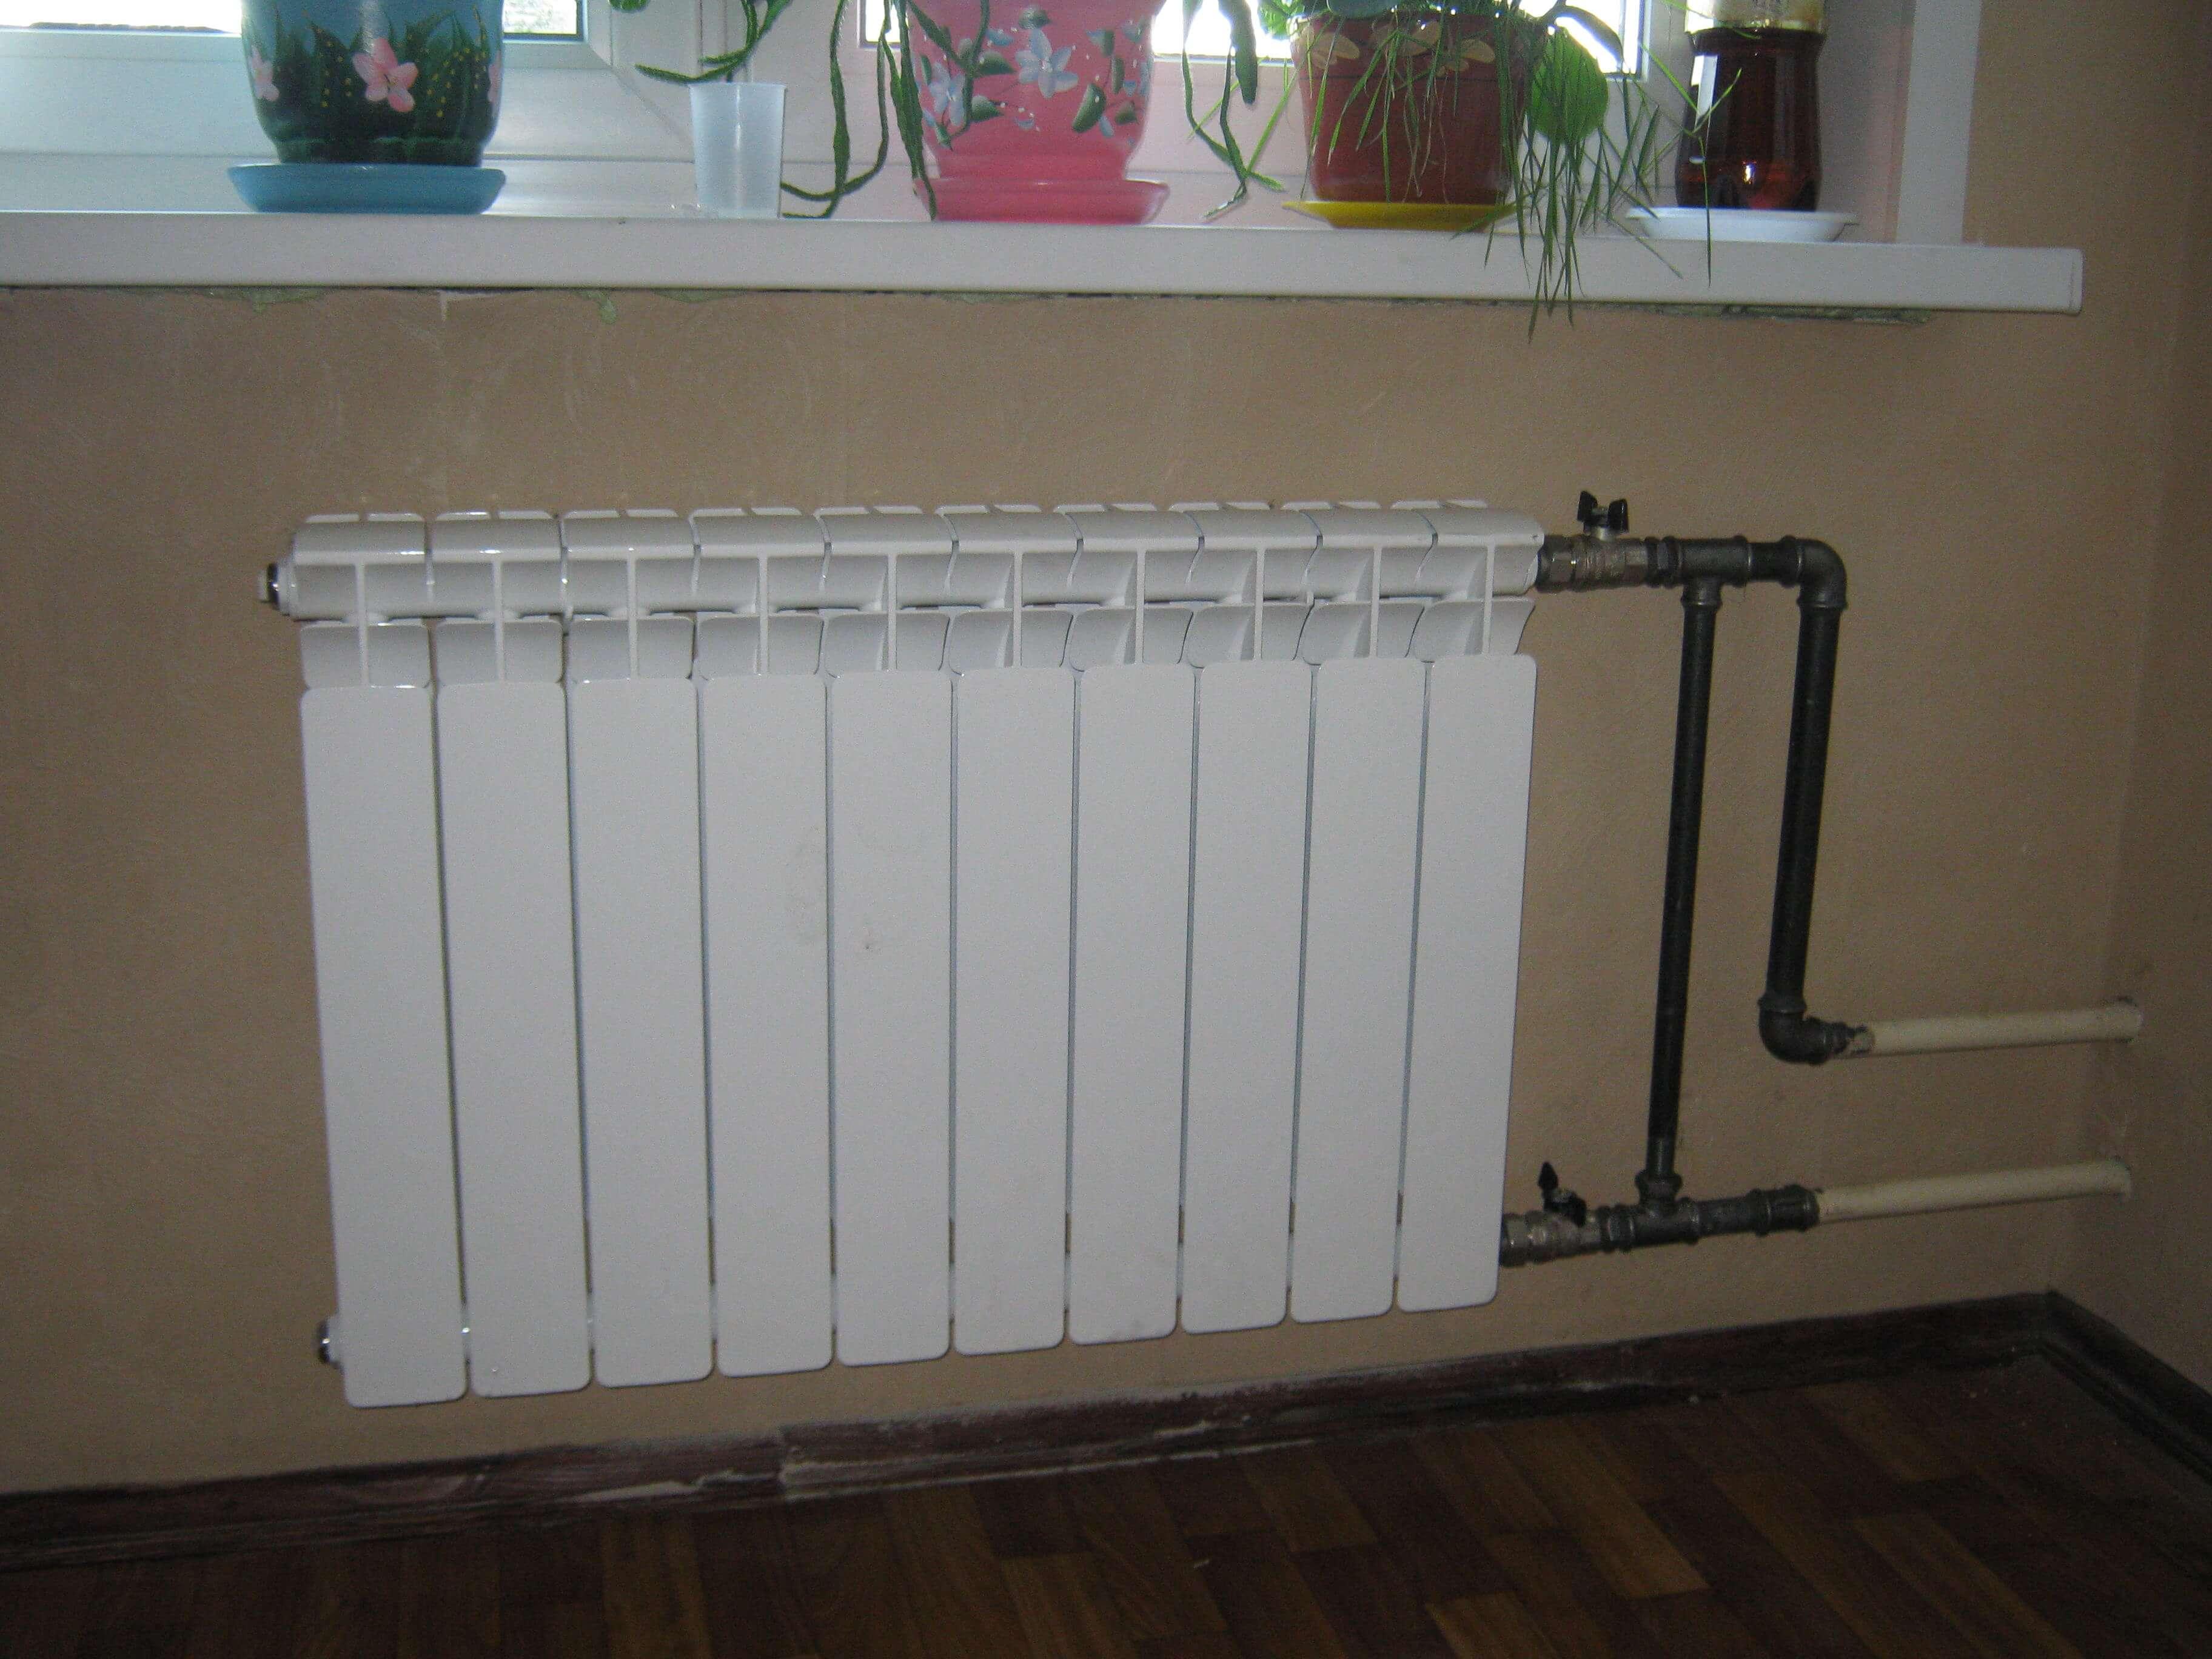 Замена и установка новых батарей отопления в жилых и офисных помещениях